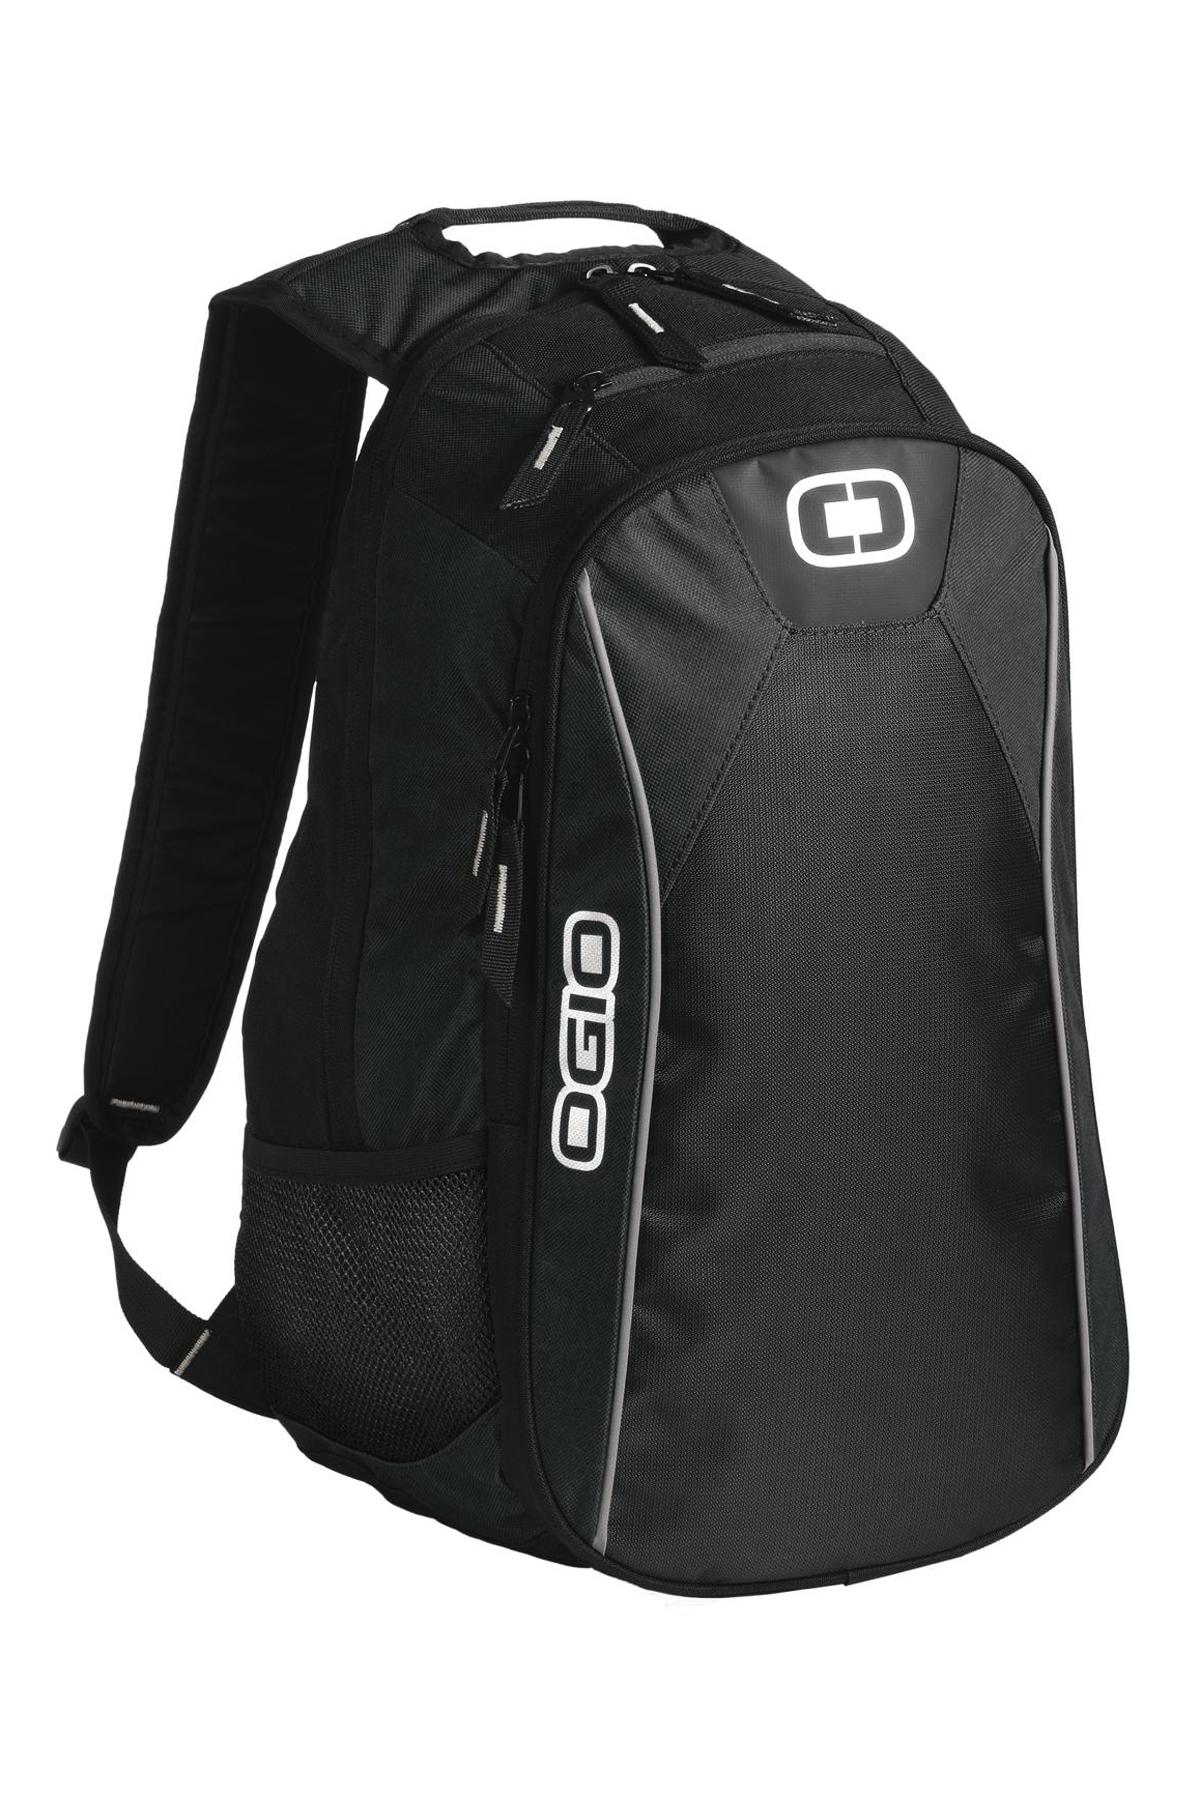 Bags-Backpacks-8